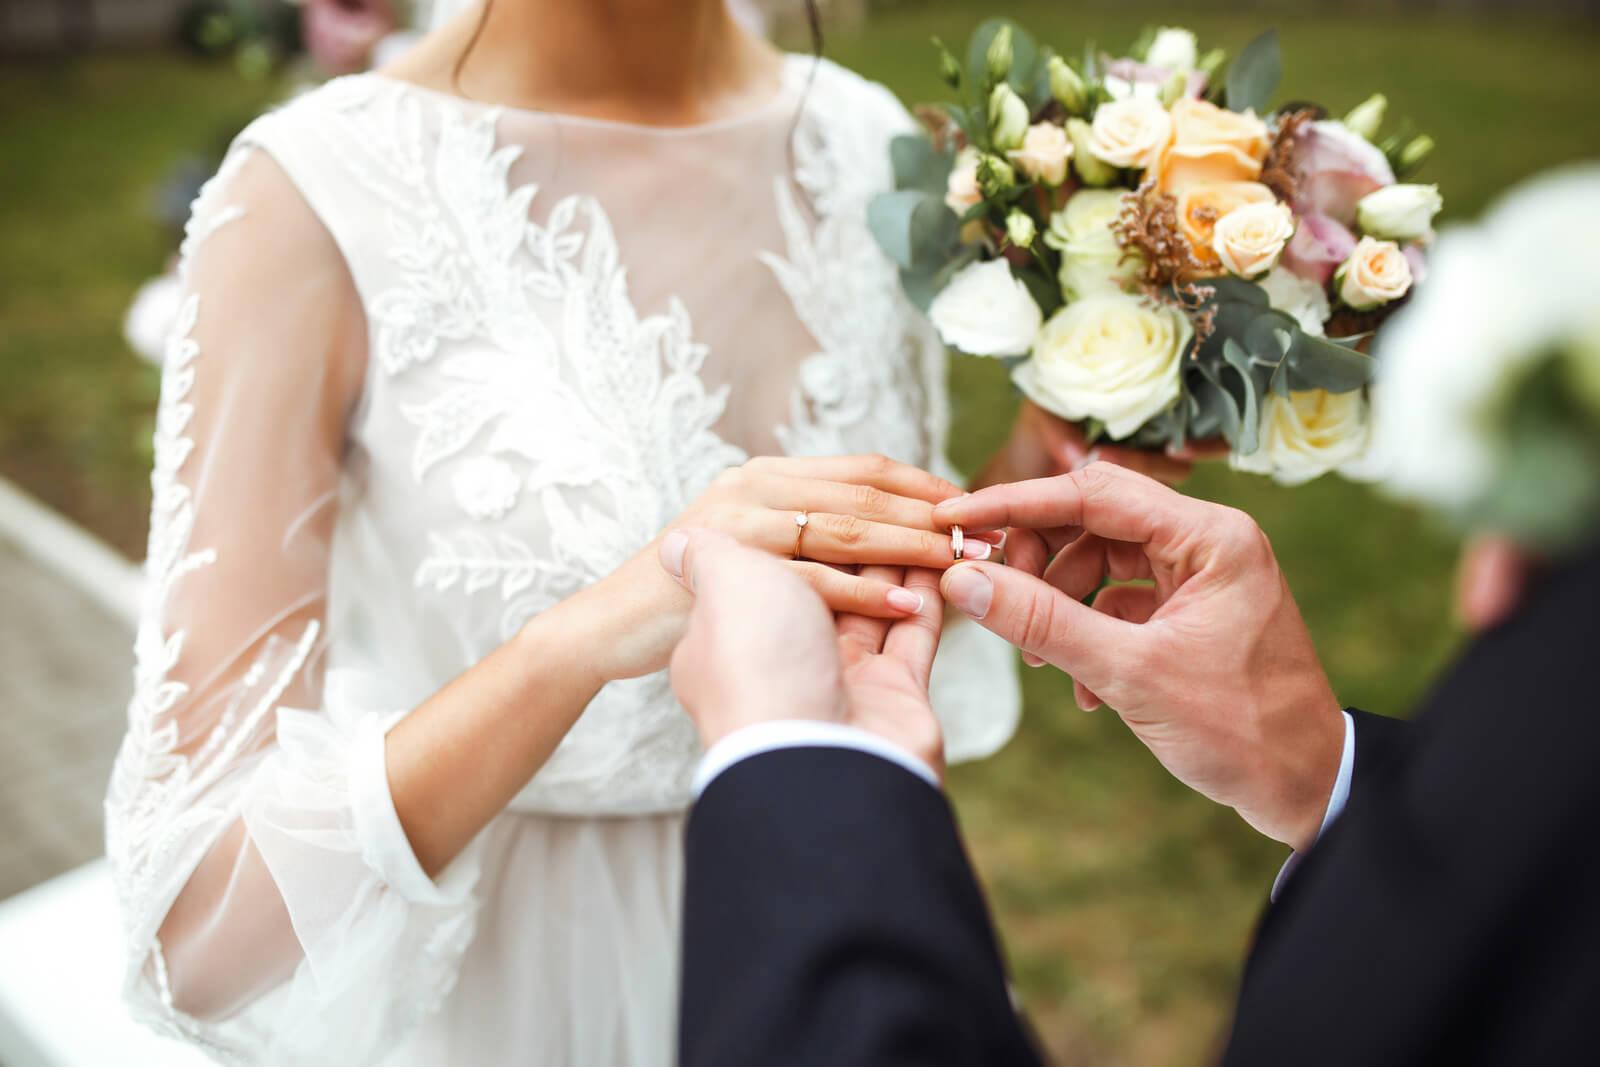 Svatba narychlo: Snubní prsteny na poslední chvíli?